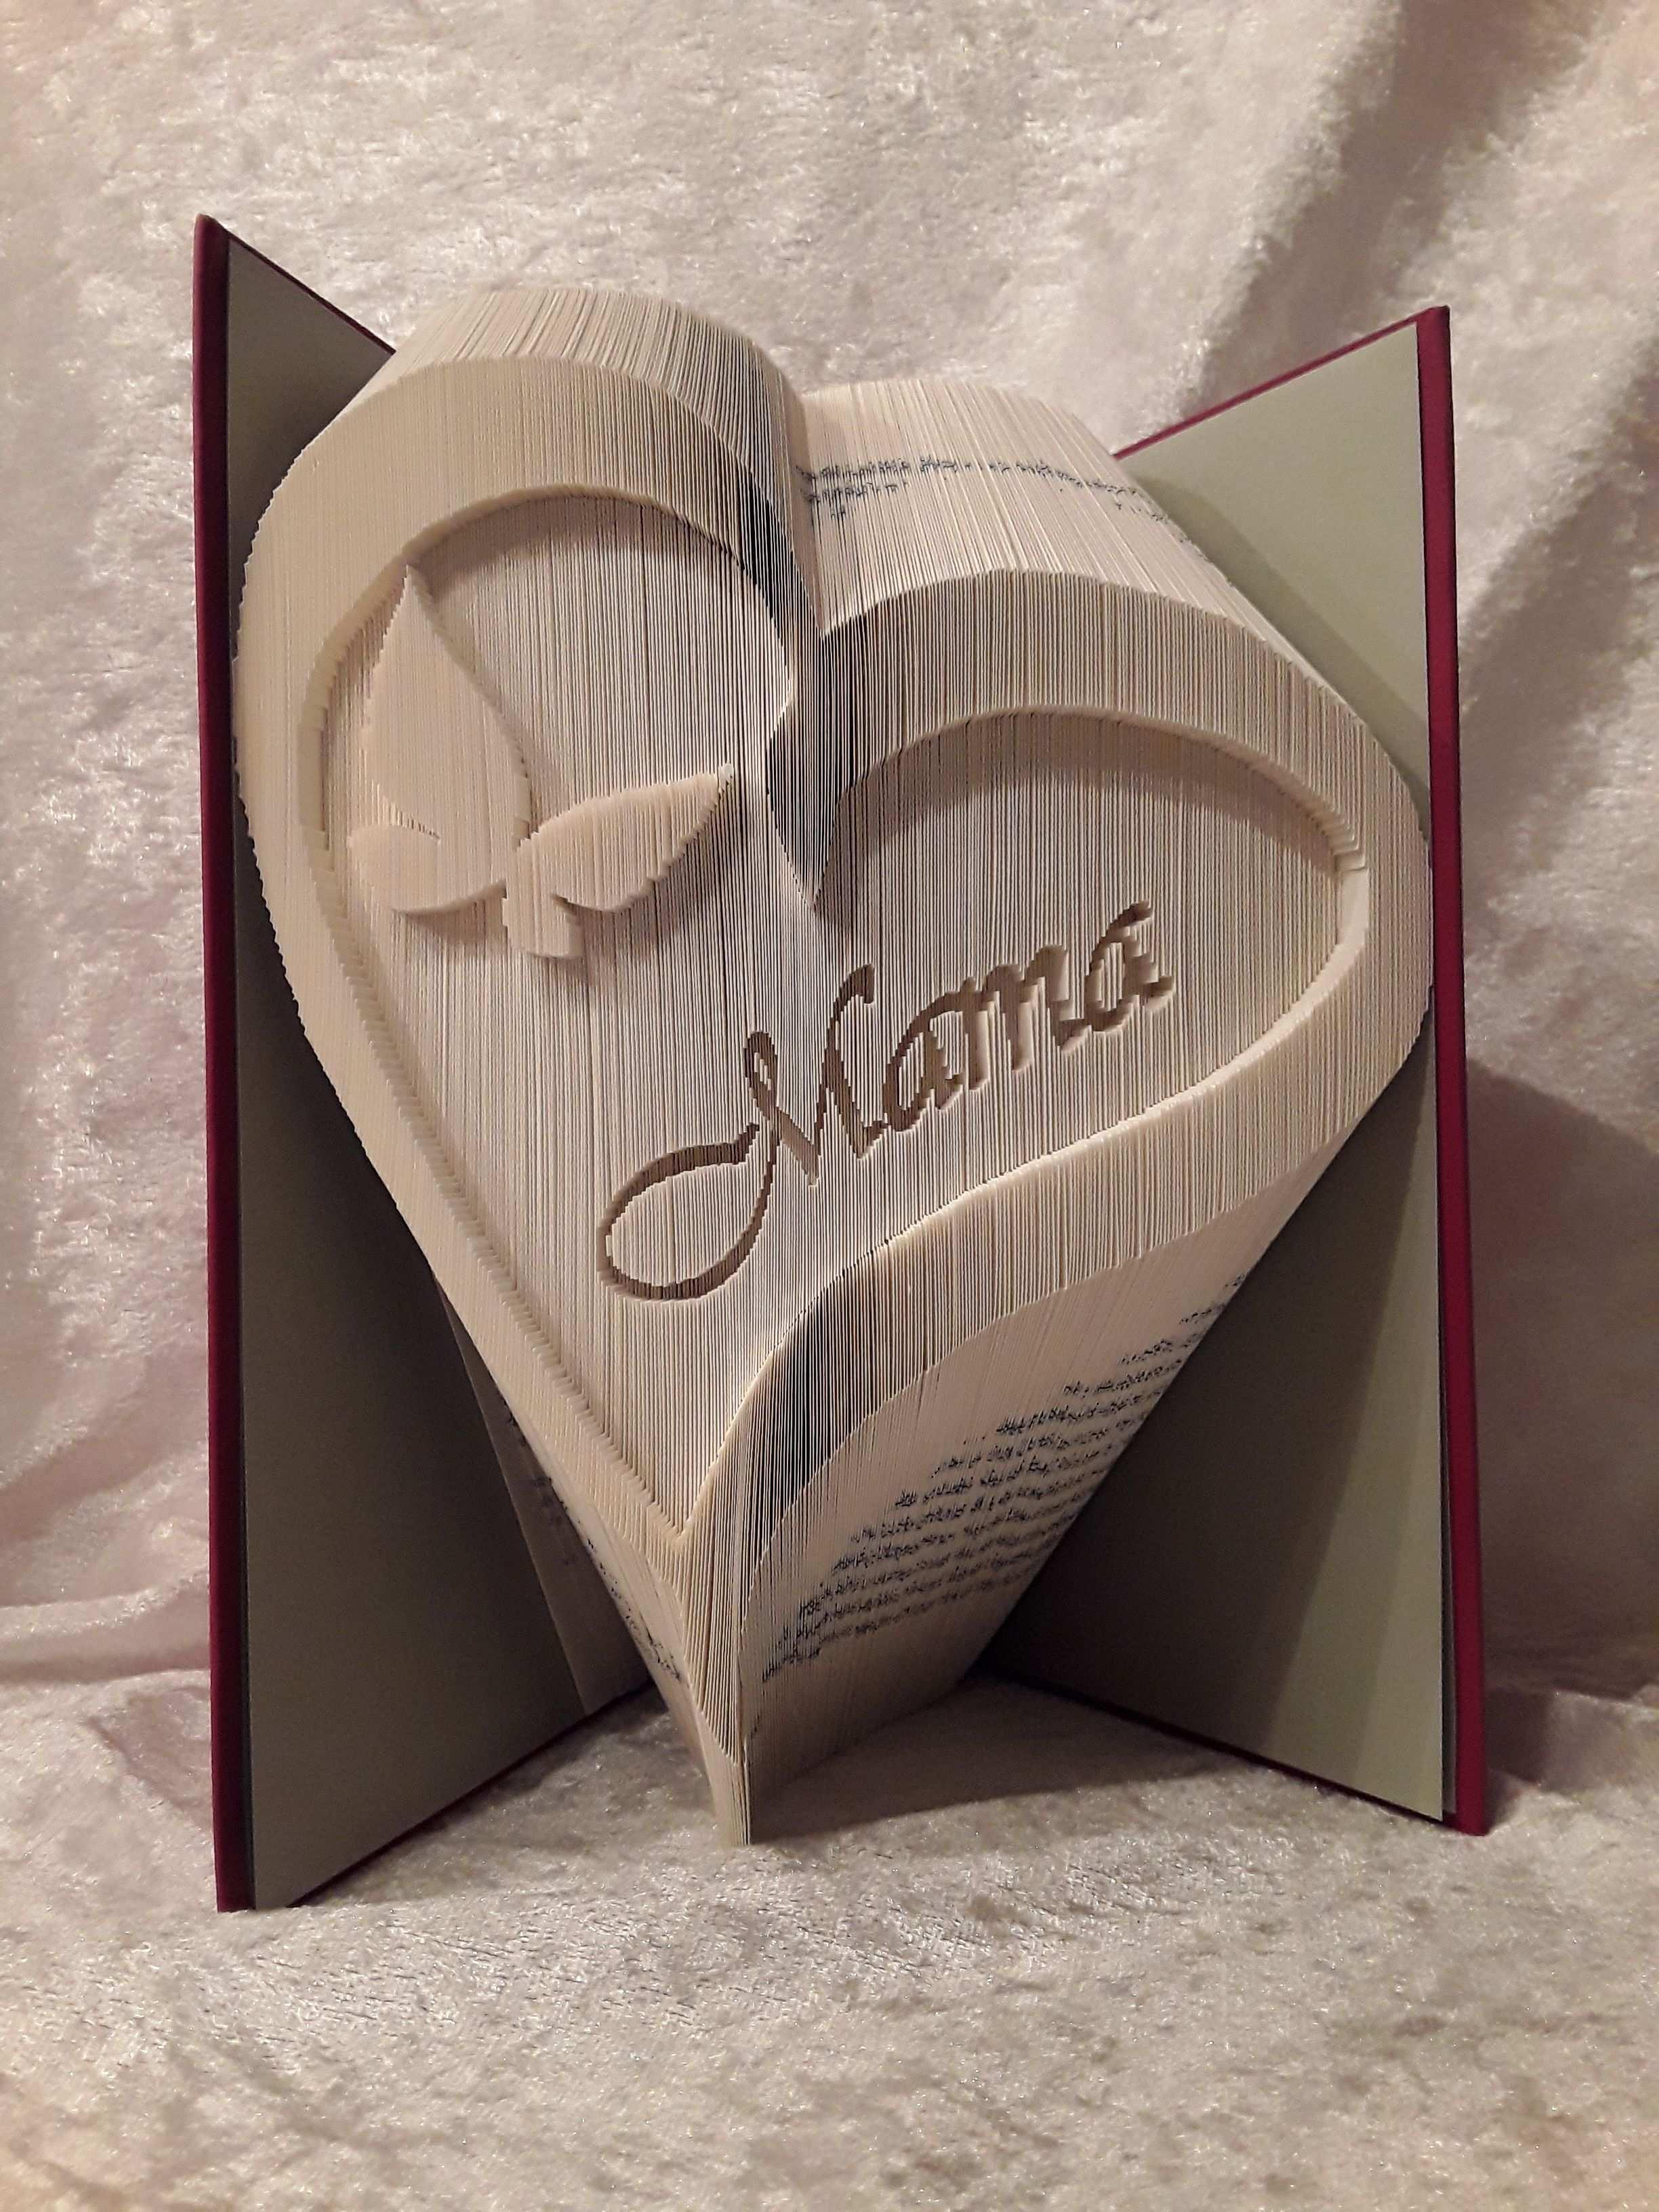 Dieses Buch In Form Eines Herz Mit Dem Schmetterling Und Dem Namenszug Mama Ist Kein Einfache In 2020 Bucher Falten Vorlage Selbstgemachte Geschenke Mama Bucher Falten